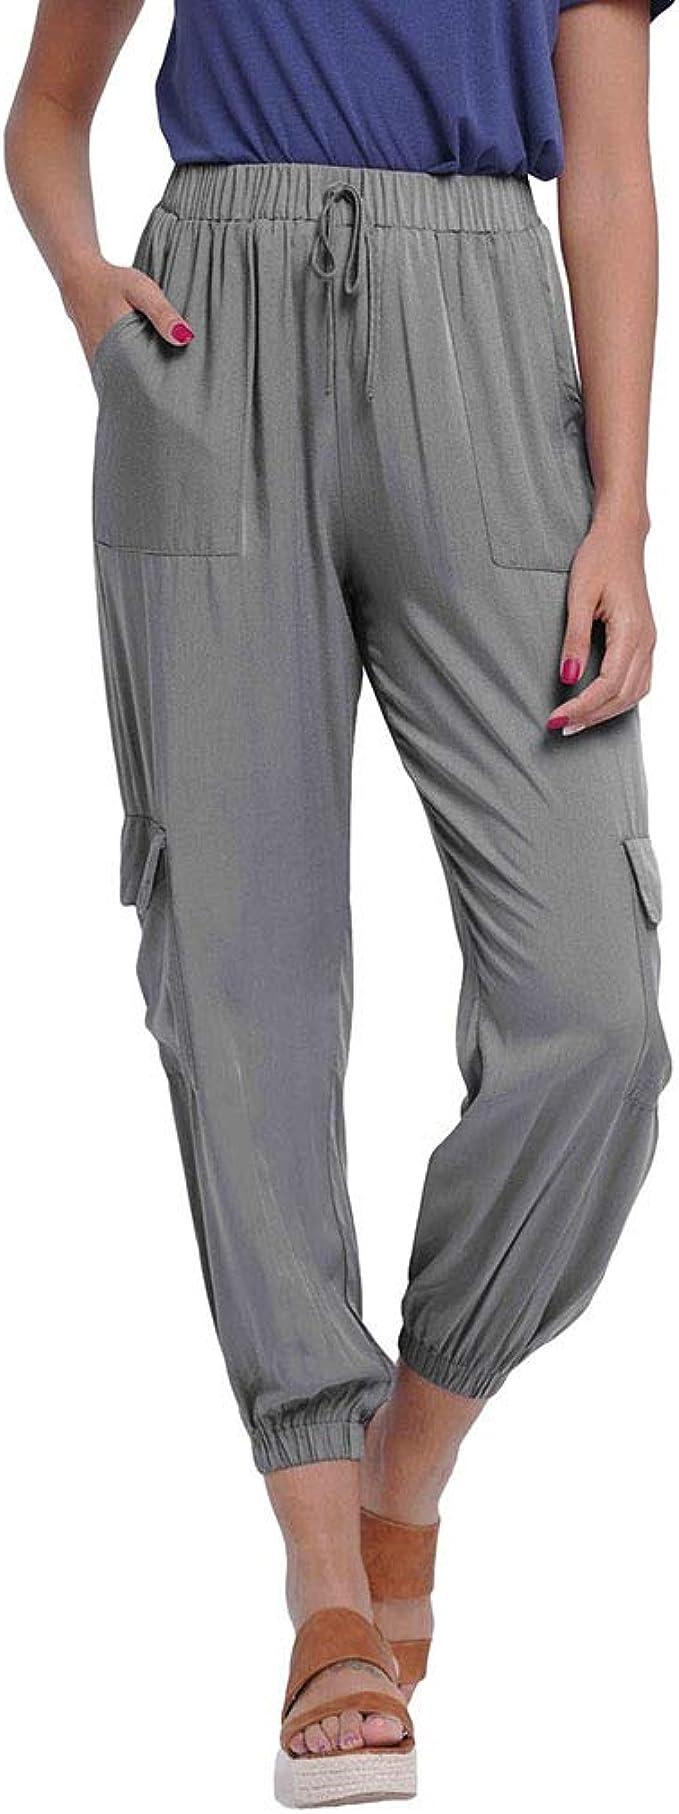 Yying Pantalones Chándal Mujer Pantalones Cargo Cintura Alta ...